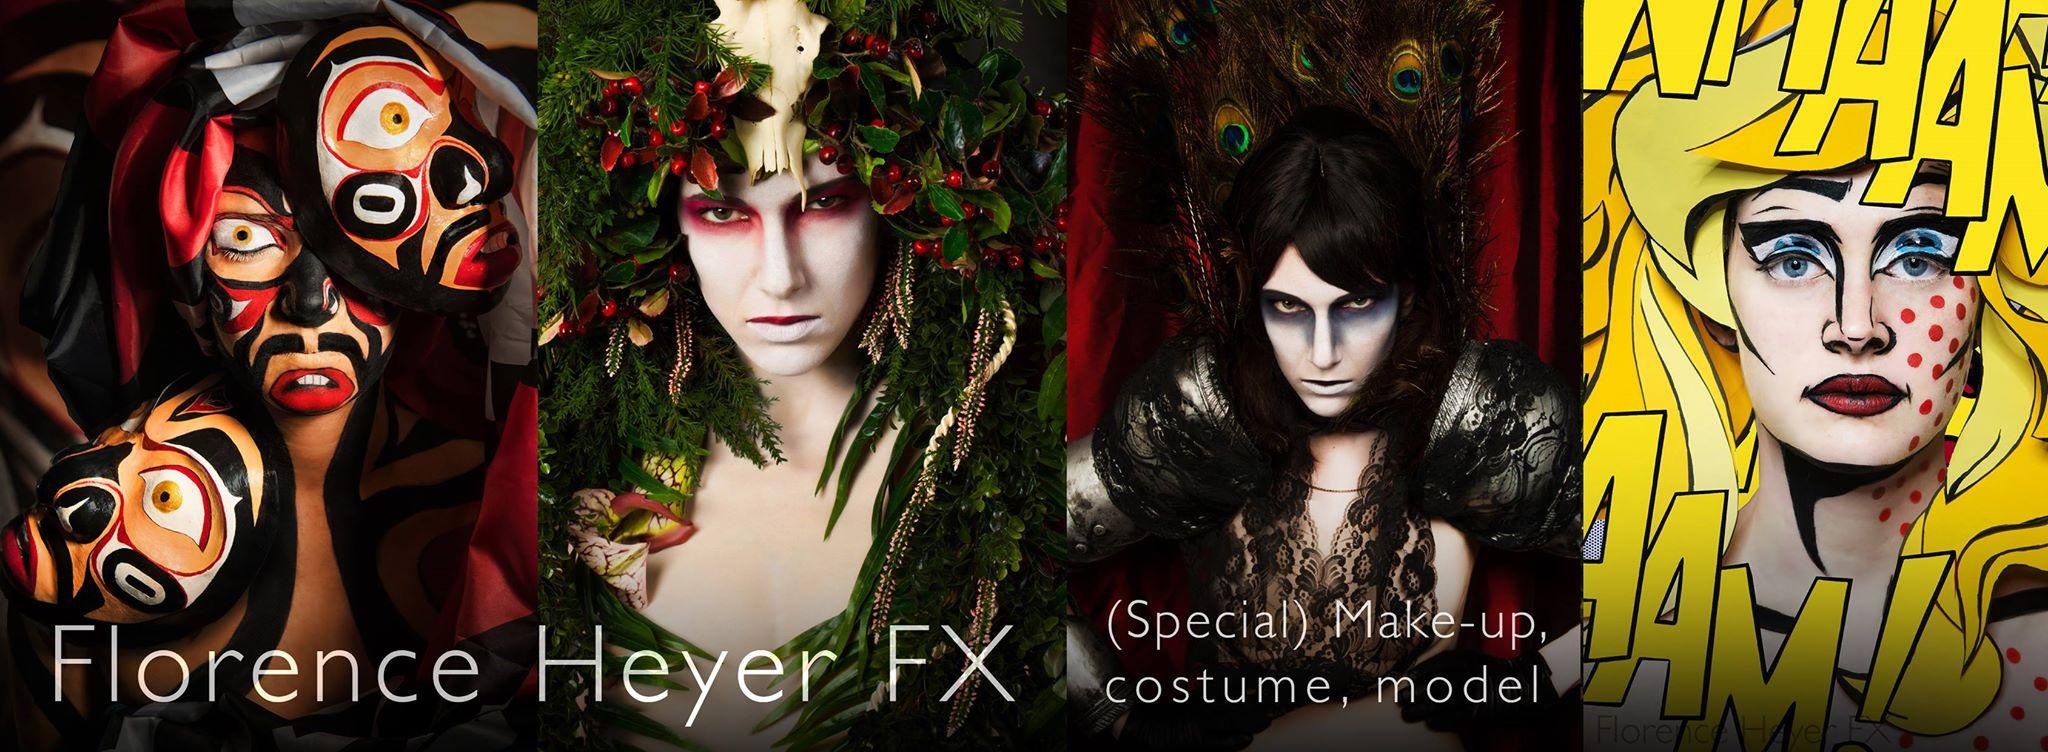 florence-heyer-maske